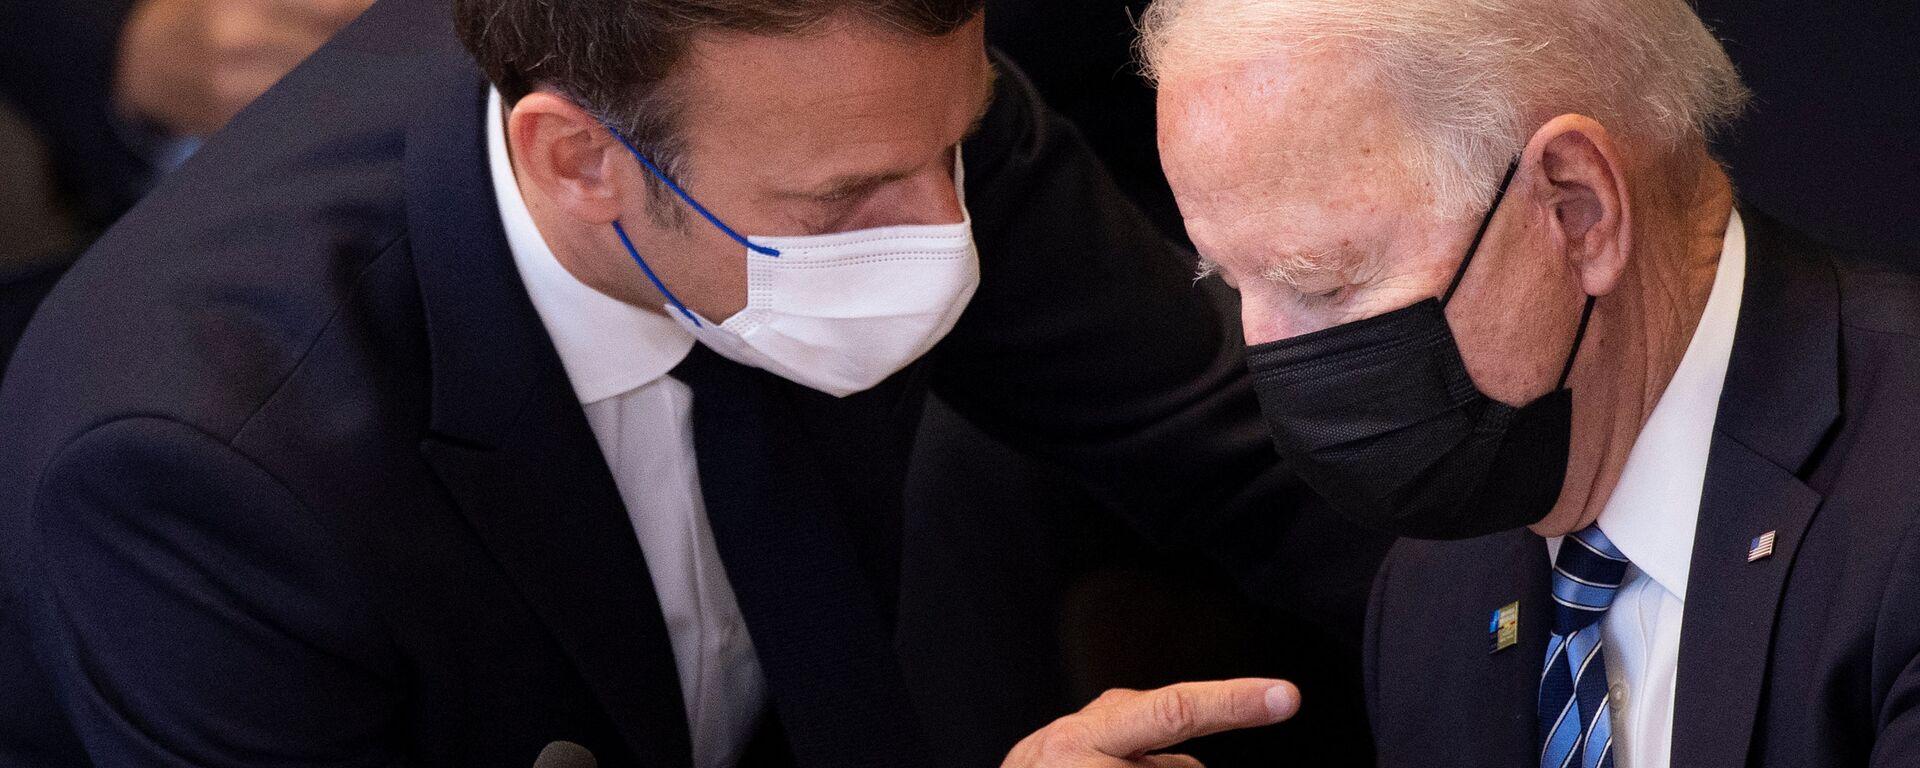 Emmanuel Macron et Joe Biden avant une réunion de l'Otan à Bruxelles, juin 2021  - Sputnik France, 1920, 22.09.2021